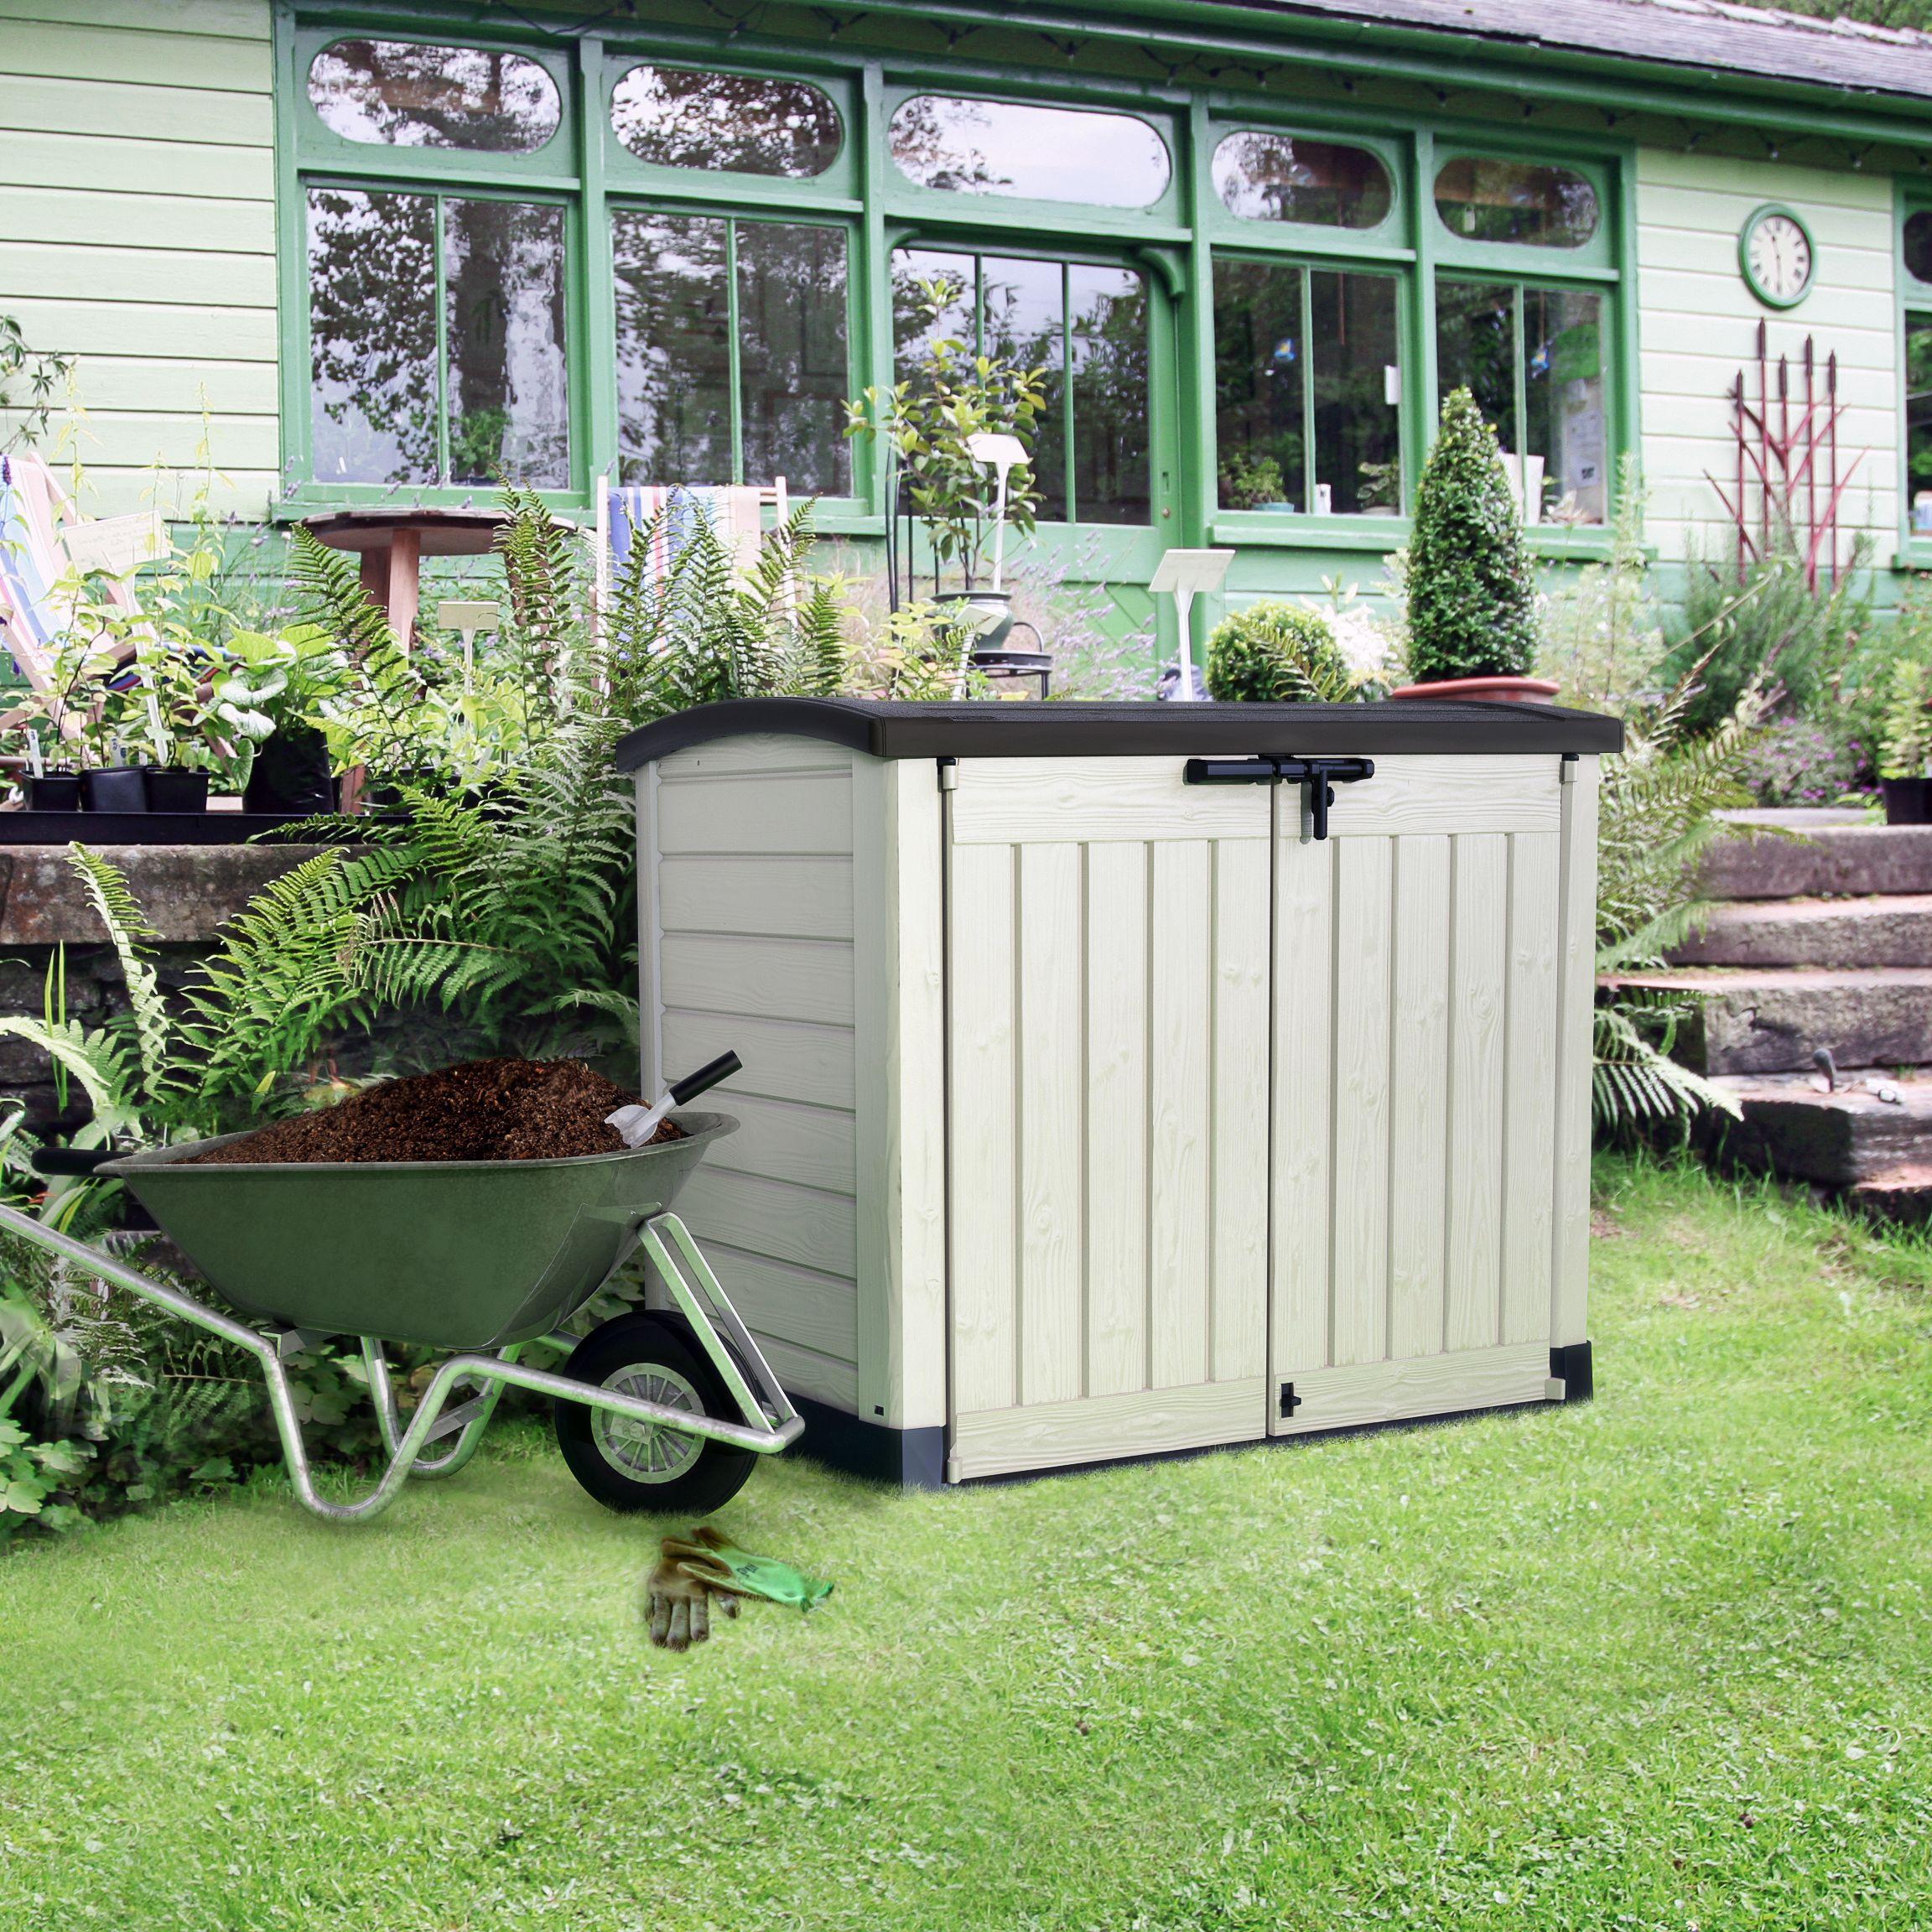 bq garden storage sheds - Garden Sheds B Q